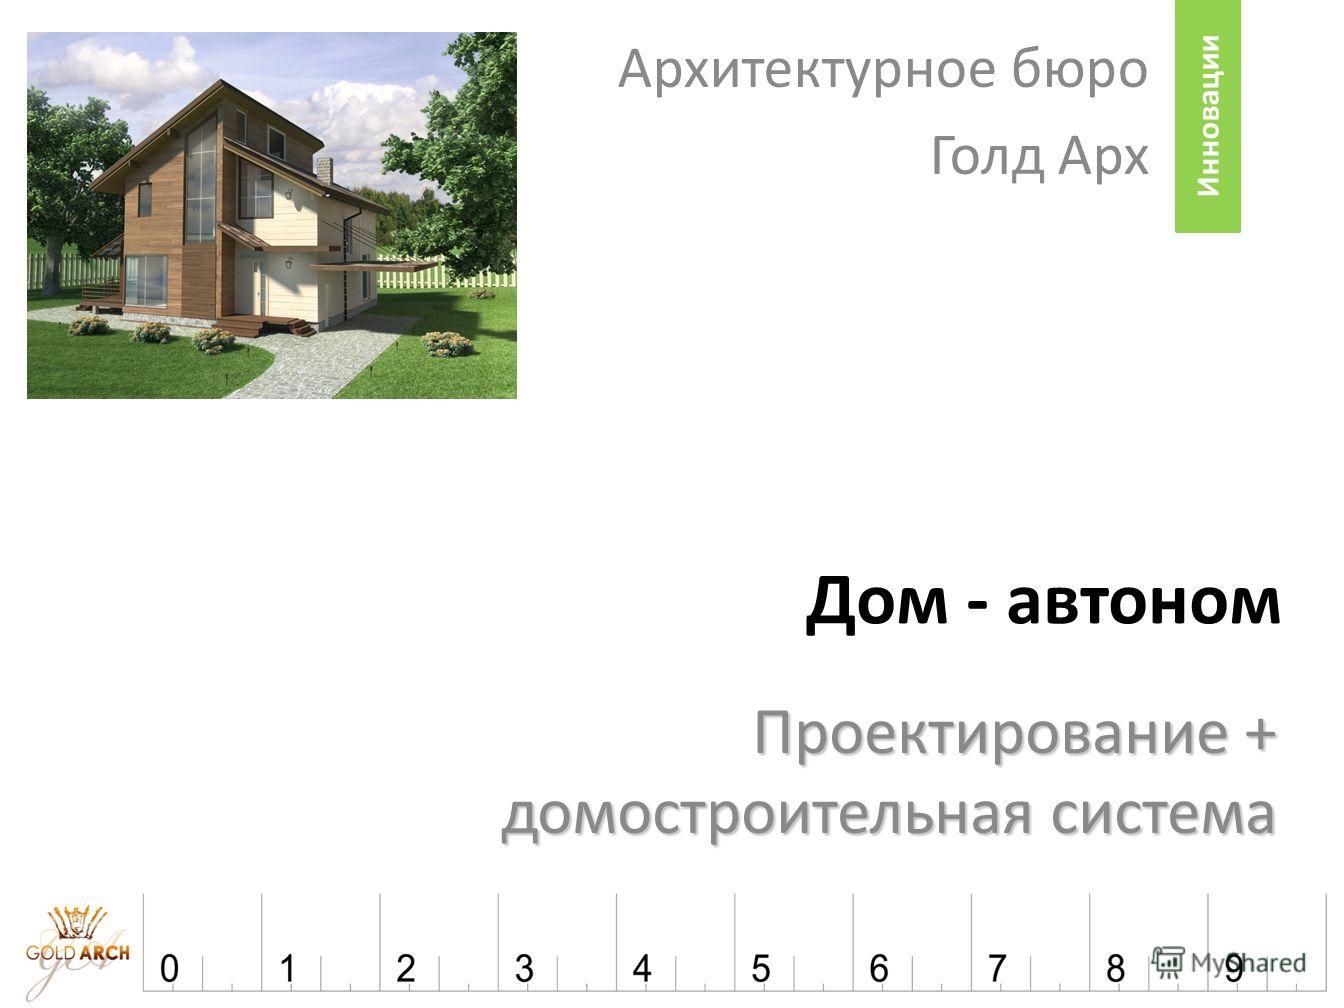 Дом - автоном Архитектурное бюро Голд Арх Инновации Проектирование + домостроительная система